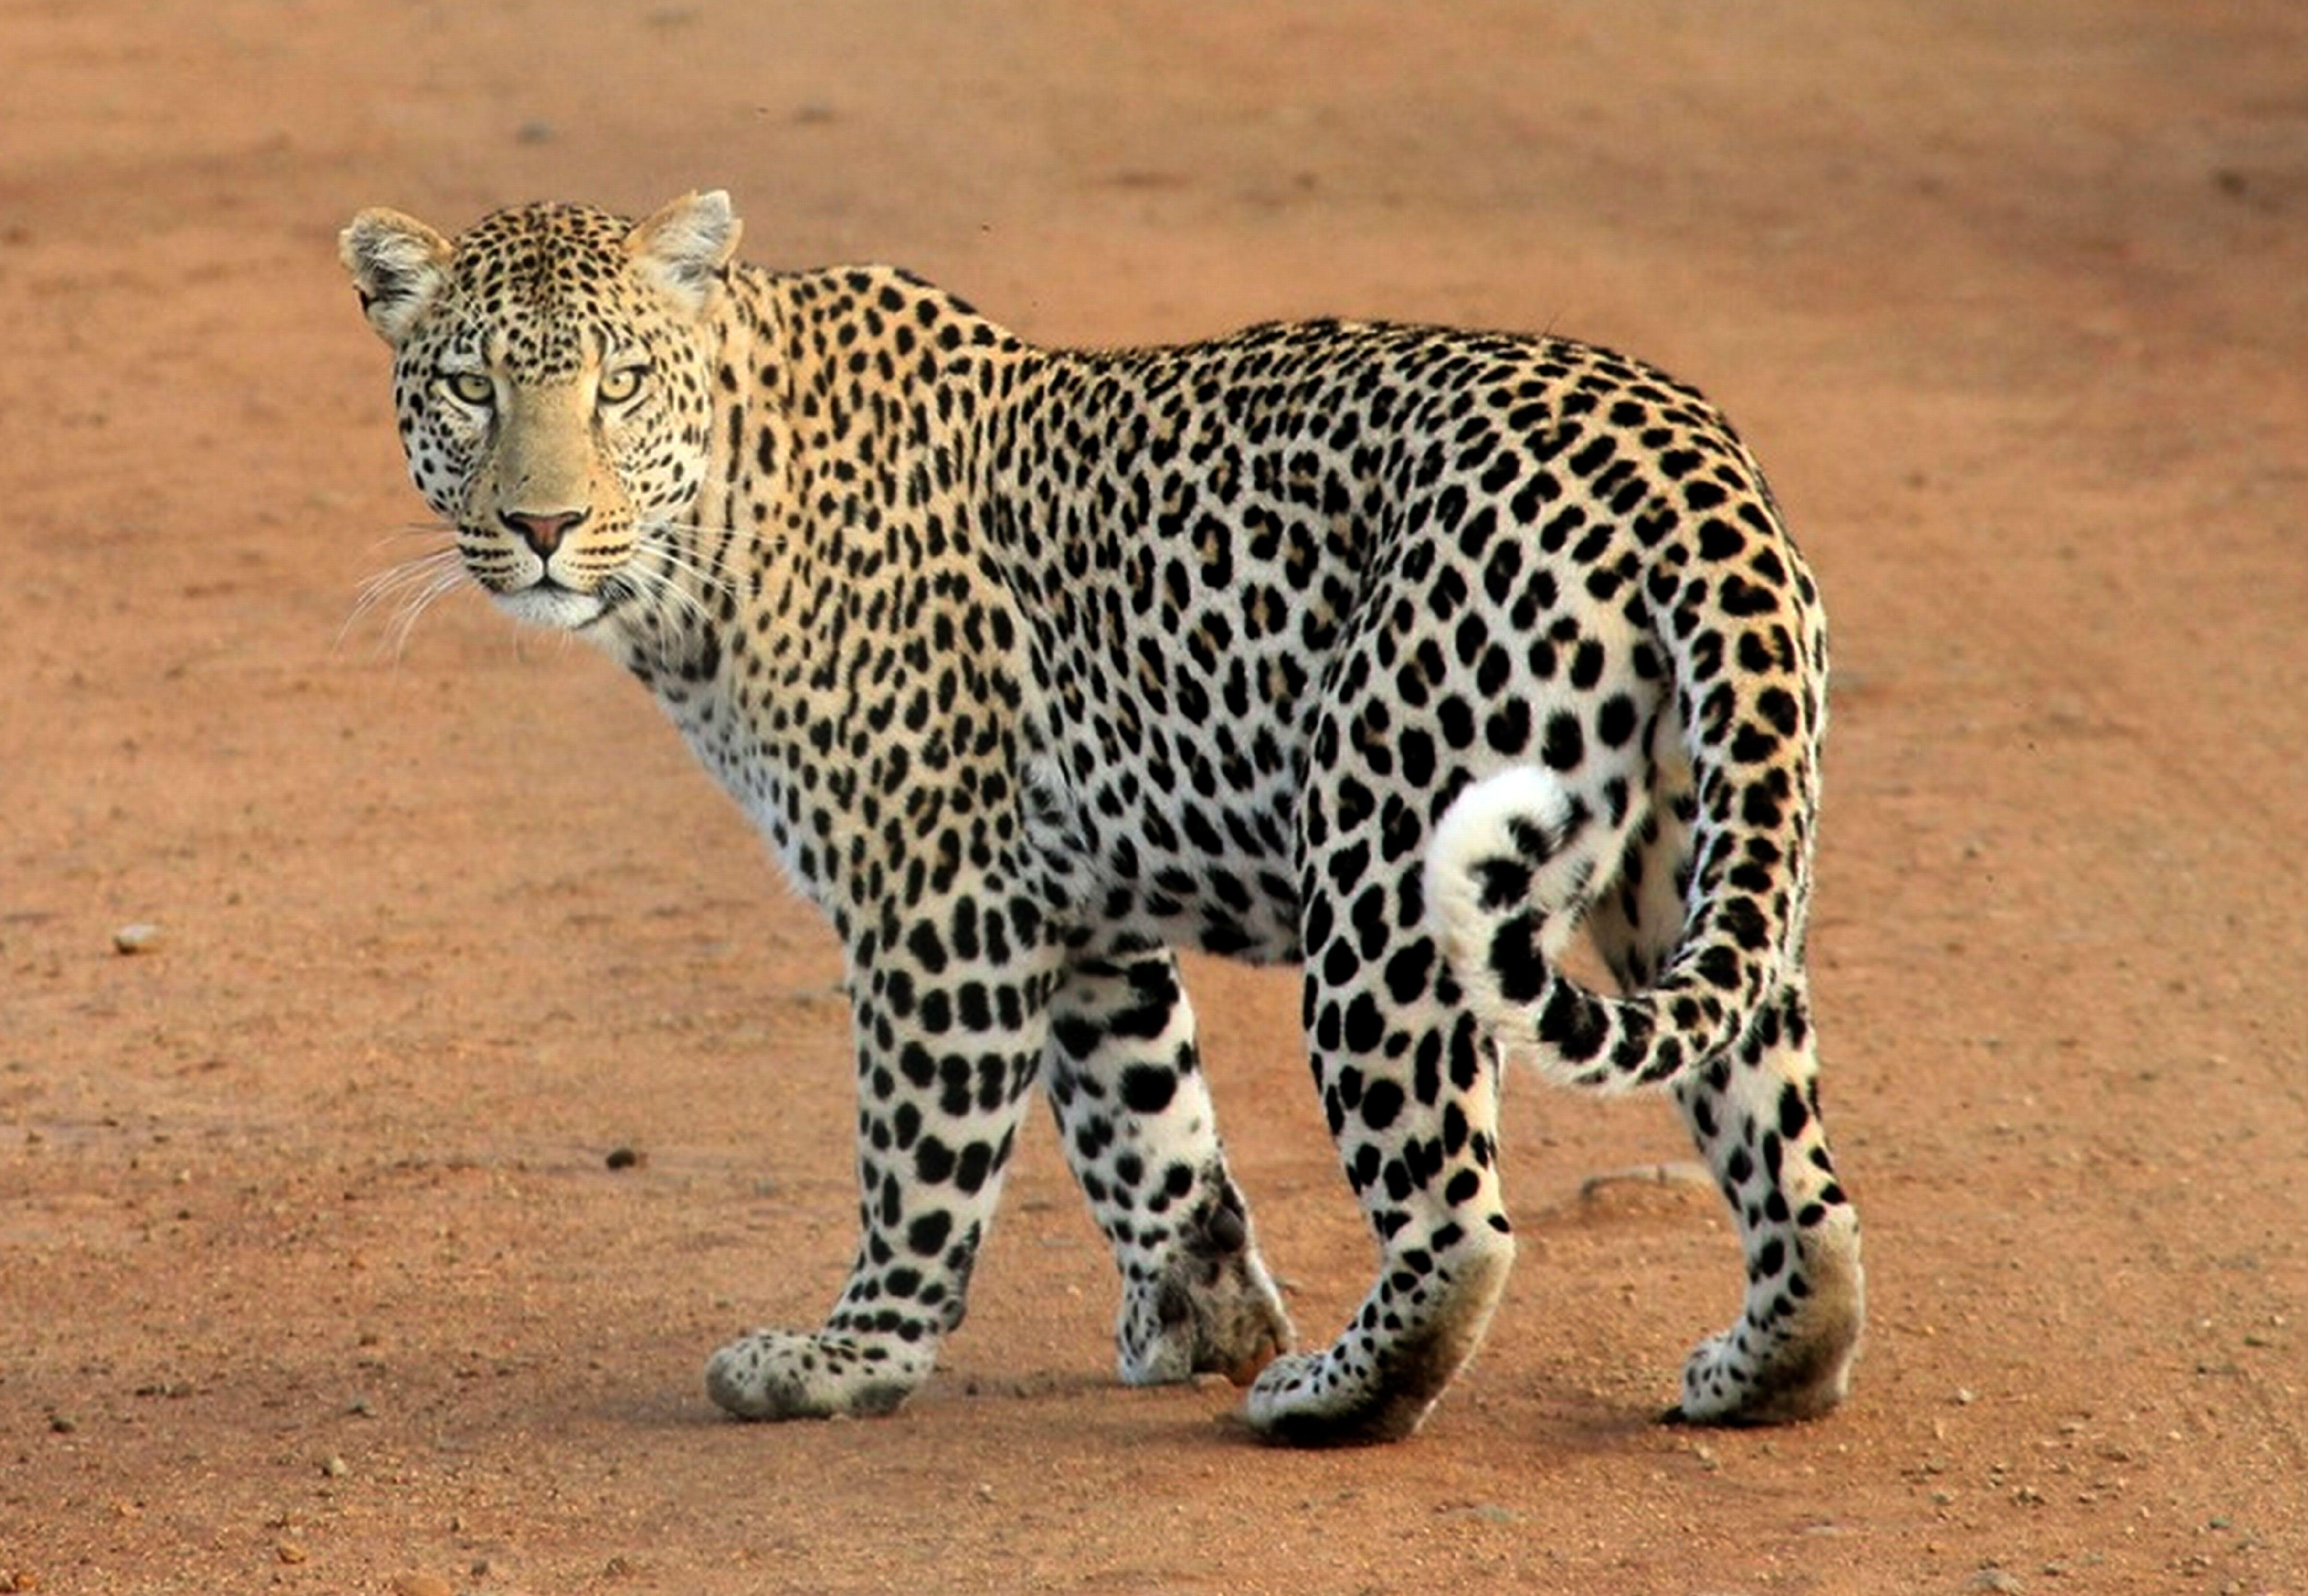 Kostenloses Stock Foto zu tier, wild, raubtier, leopard